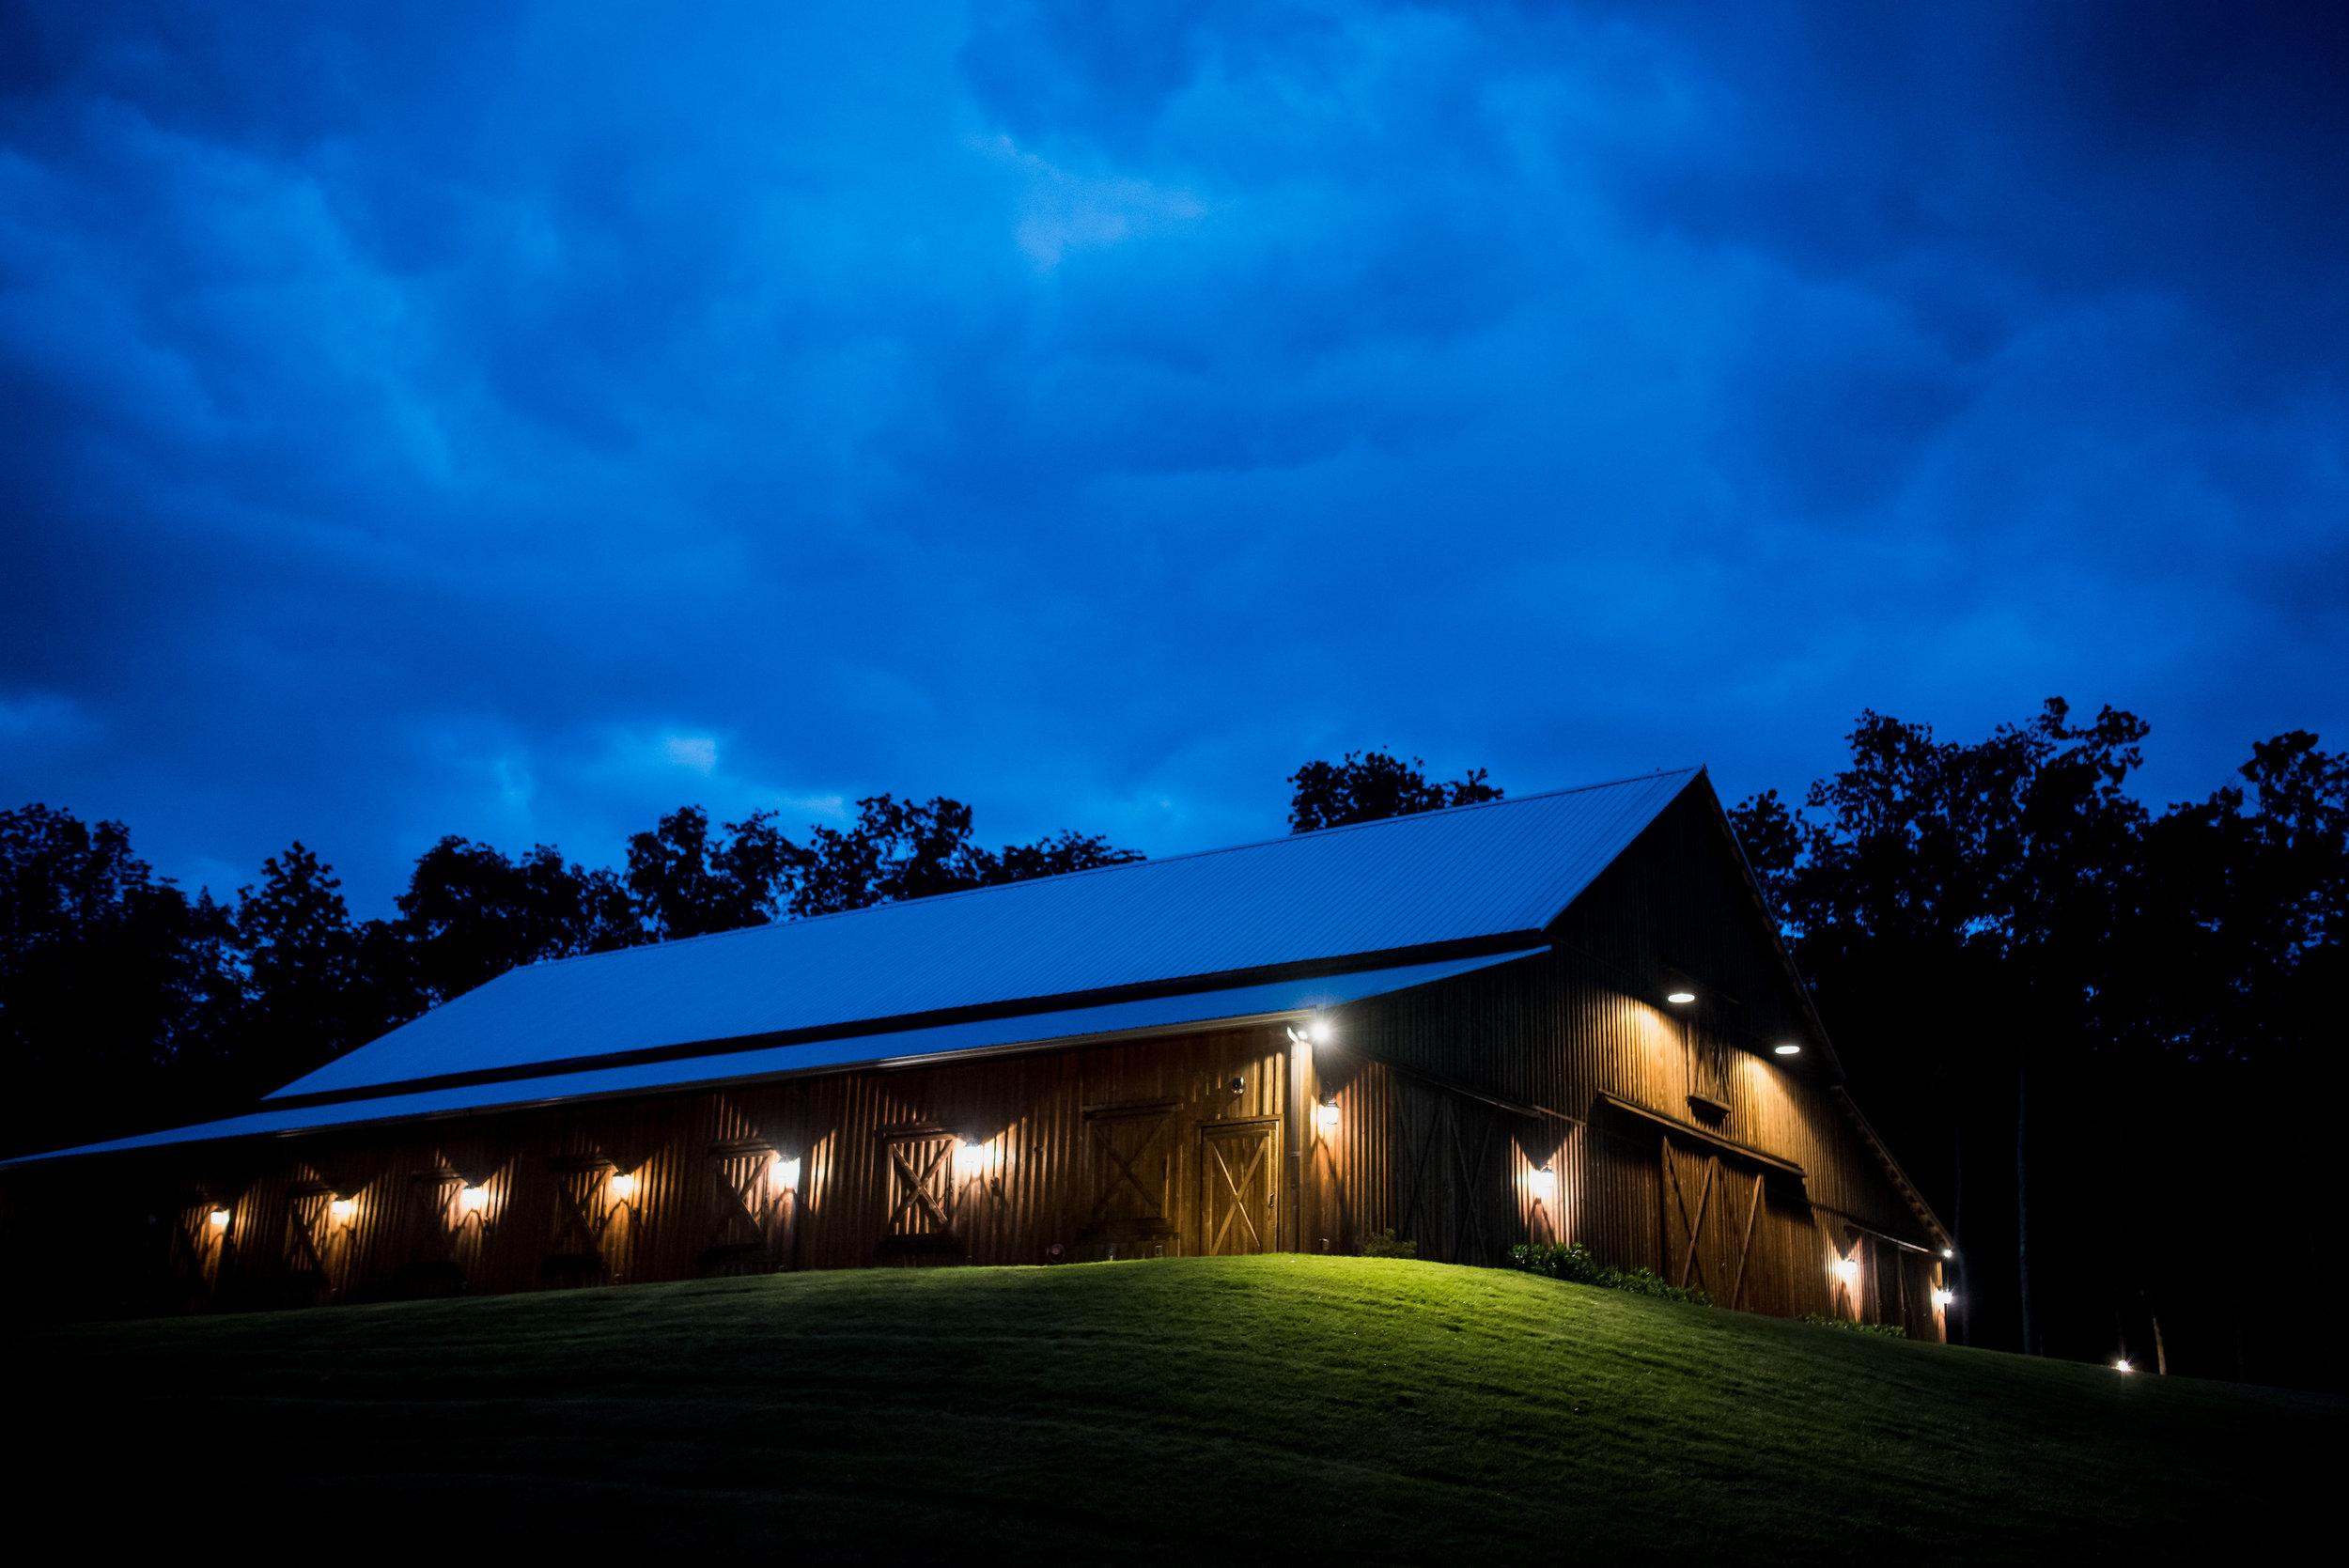 Saddlewood-Farms-Nashville-Wedding-Photographers-634.jpg